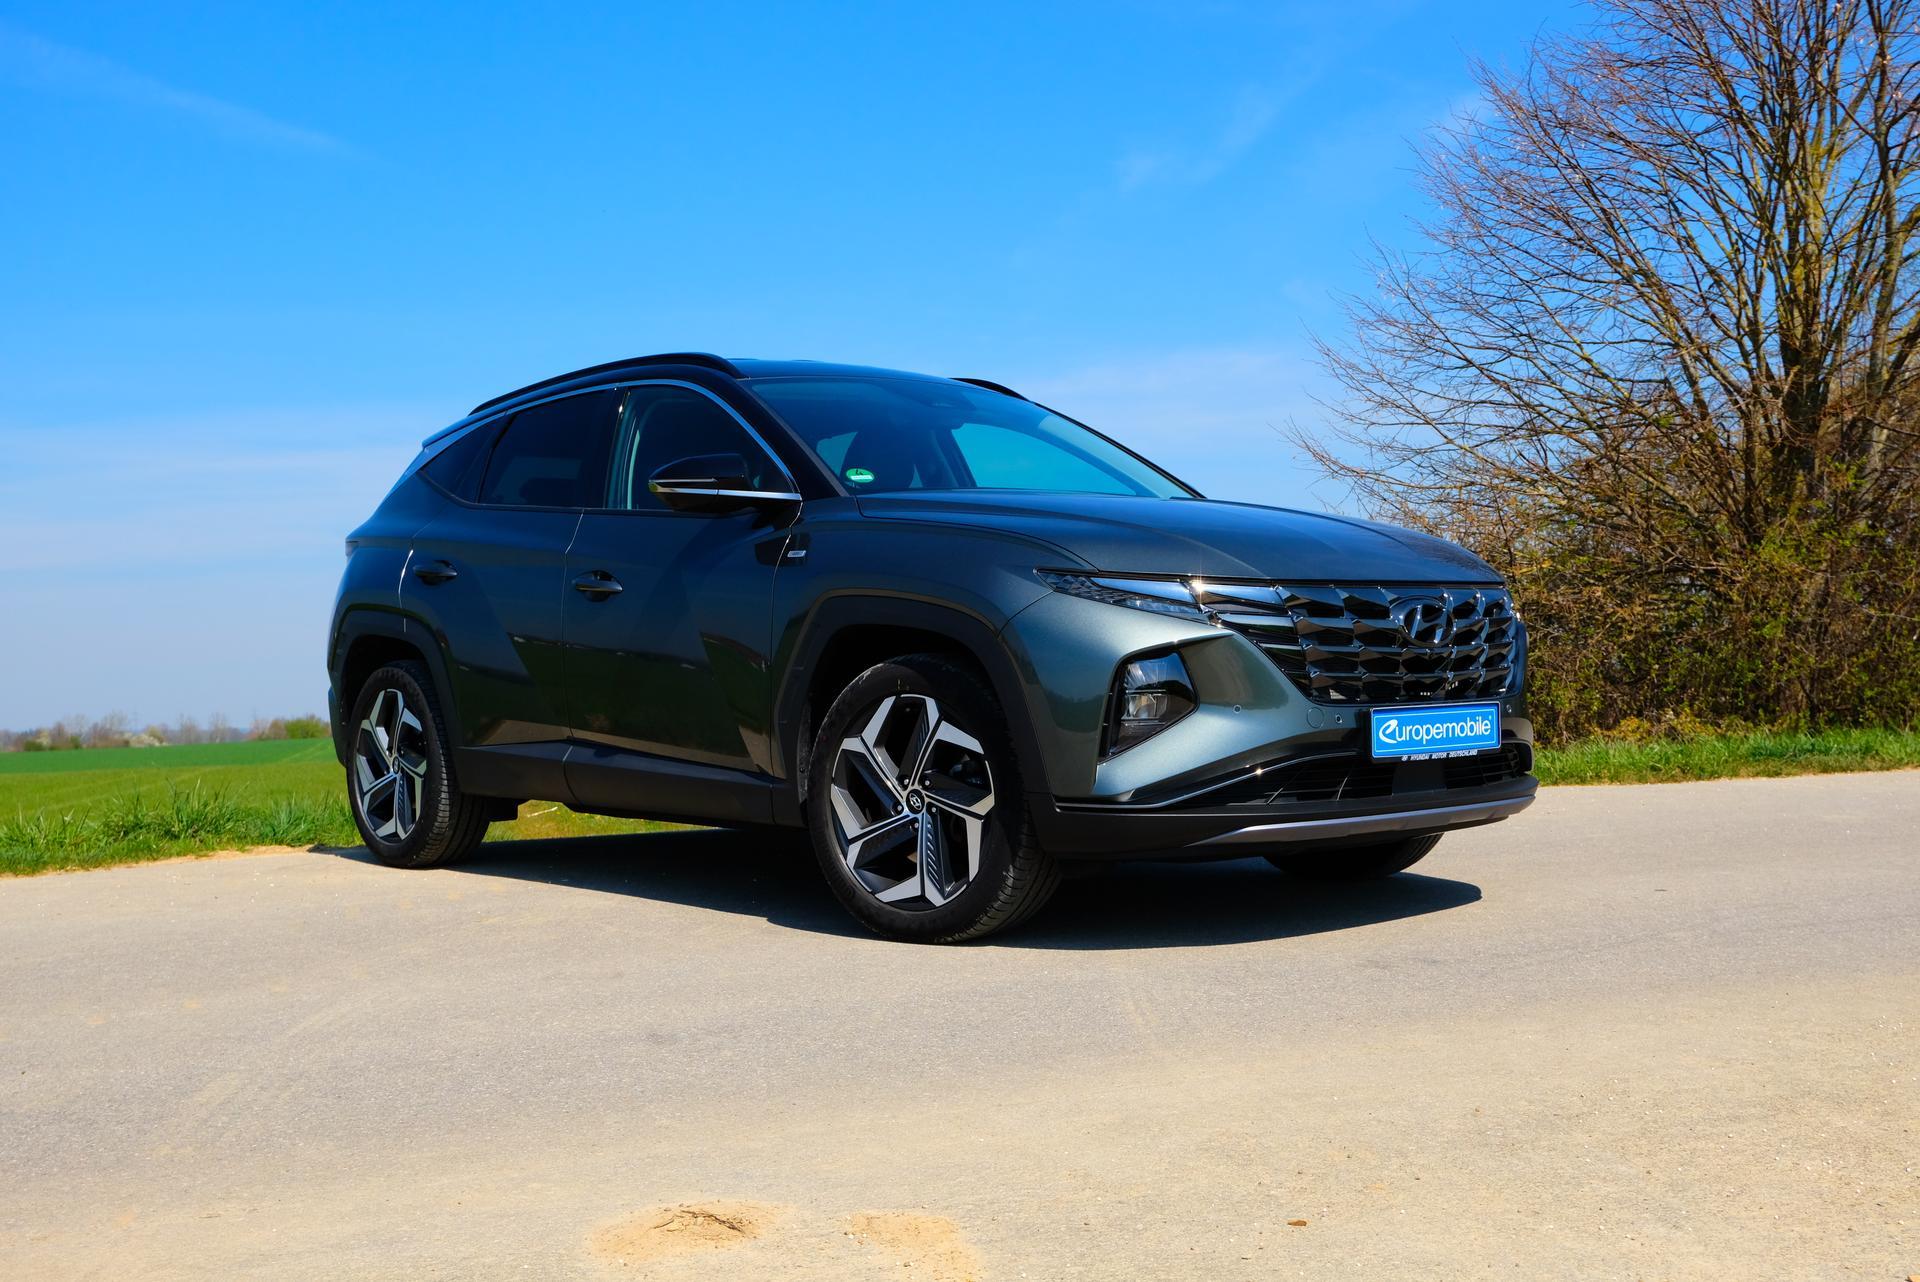 Hyundai Tucson 1.6 T-GDI HEV 4x4 vorne